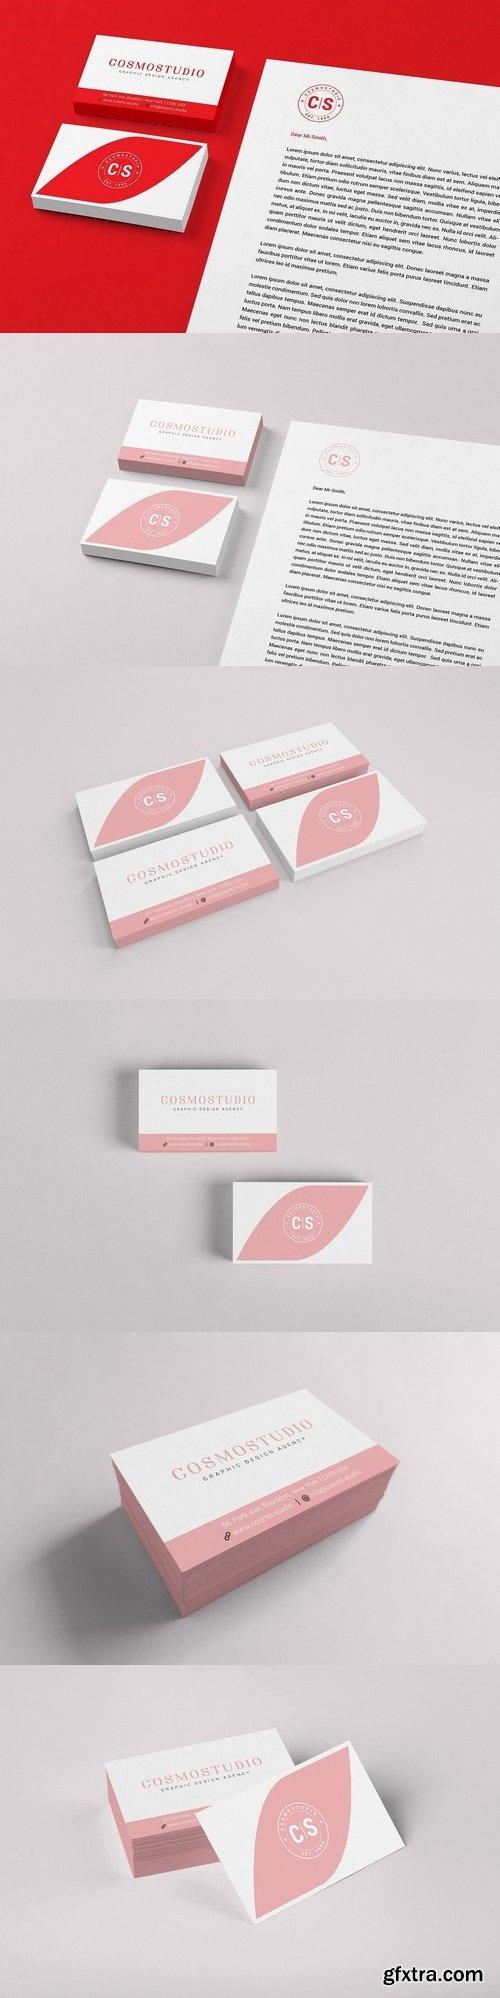 CM - Business Card Mockups Vol.2 1393461